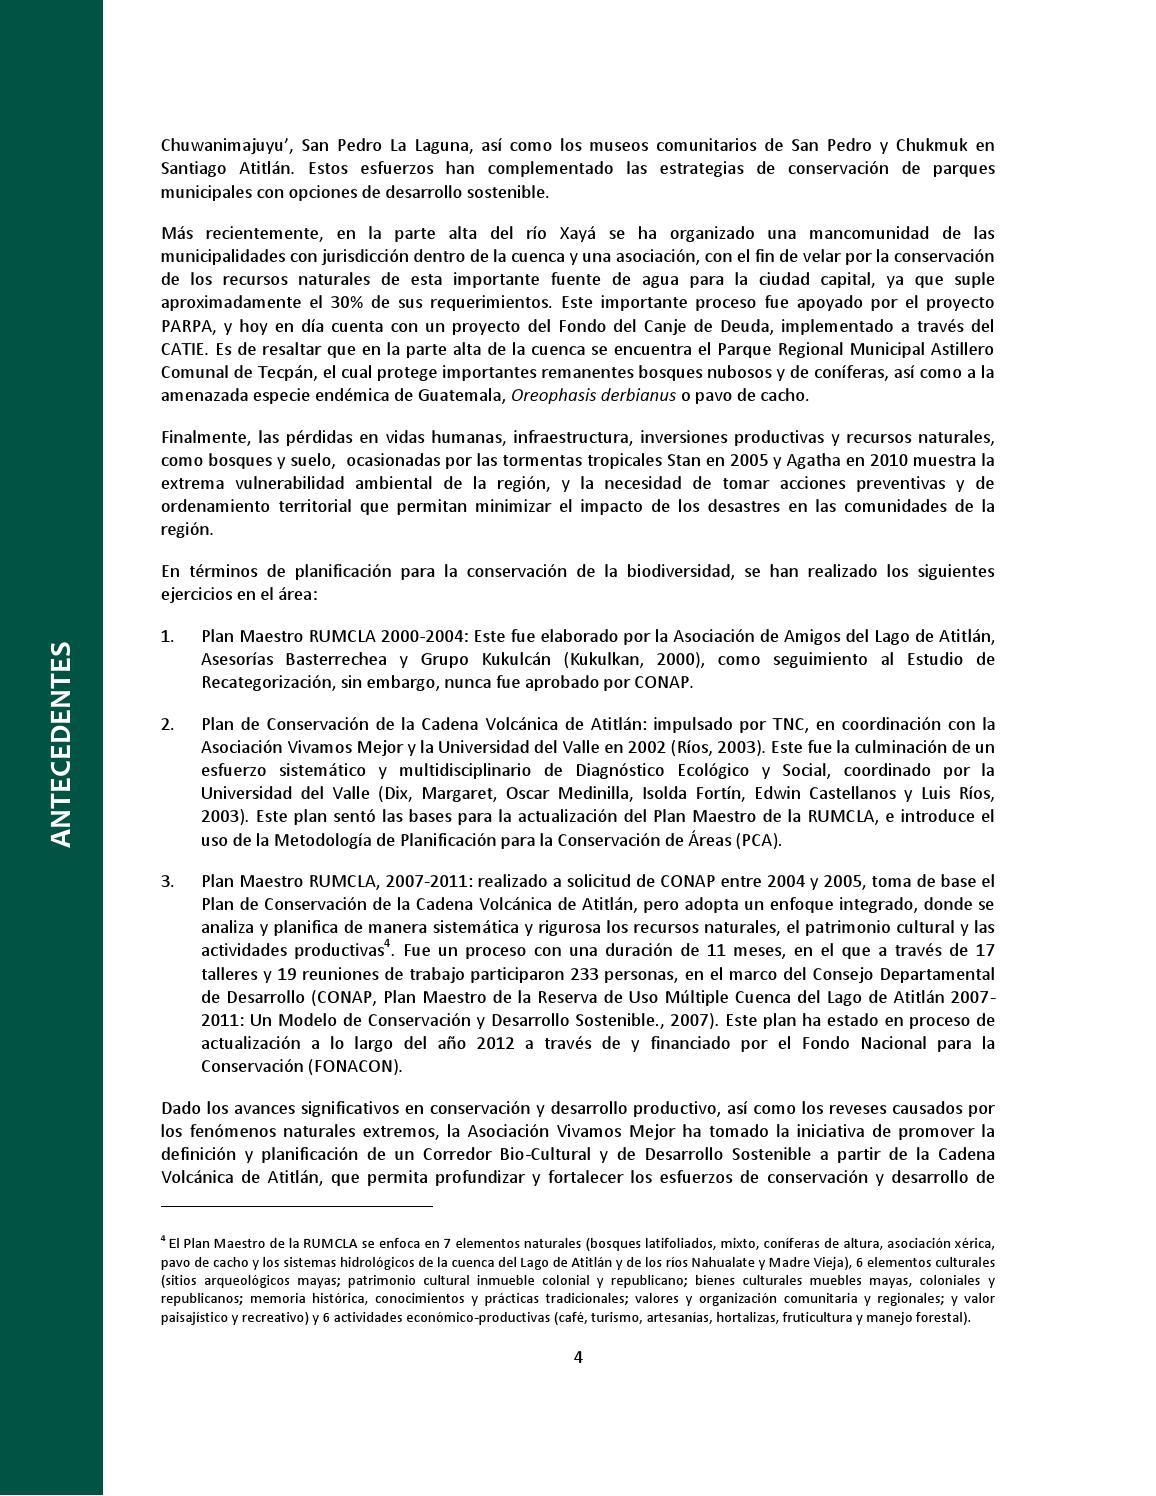 Definici N T Cnica Y Plan De Manejo Corredor Biocultural Y De  # Muebles Kukulkan